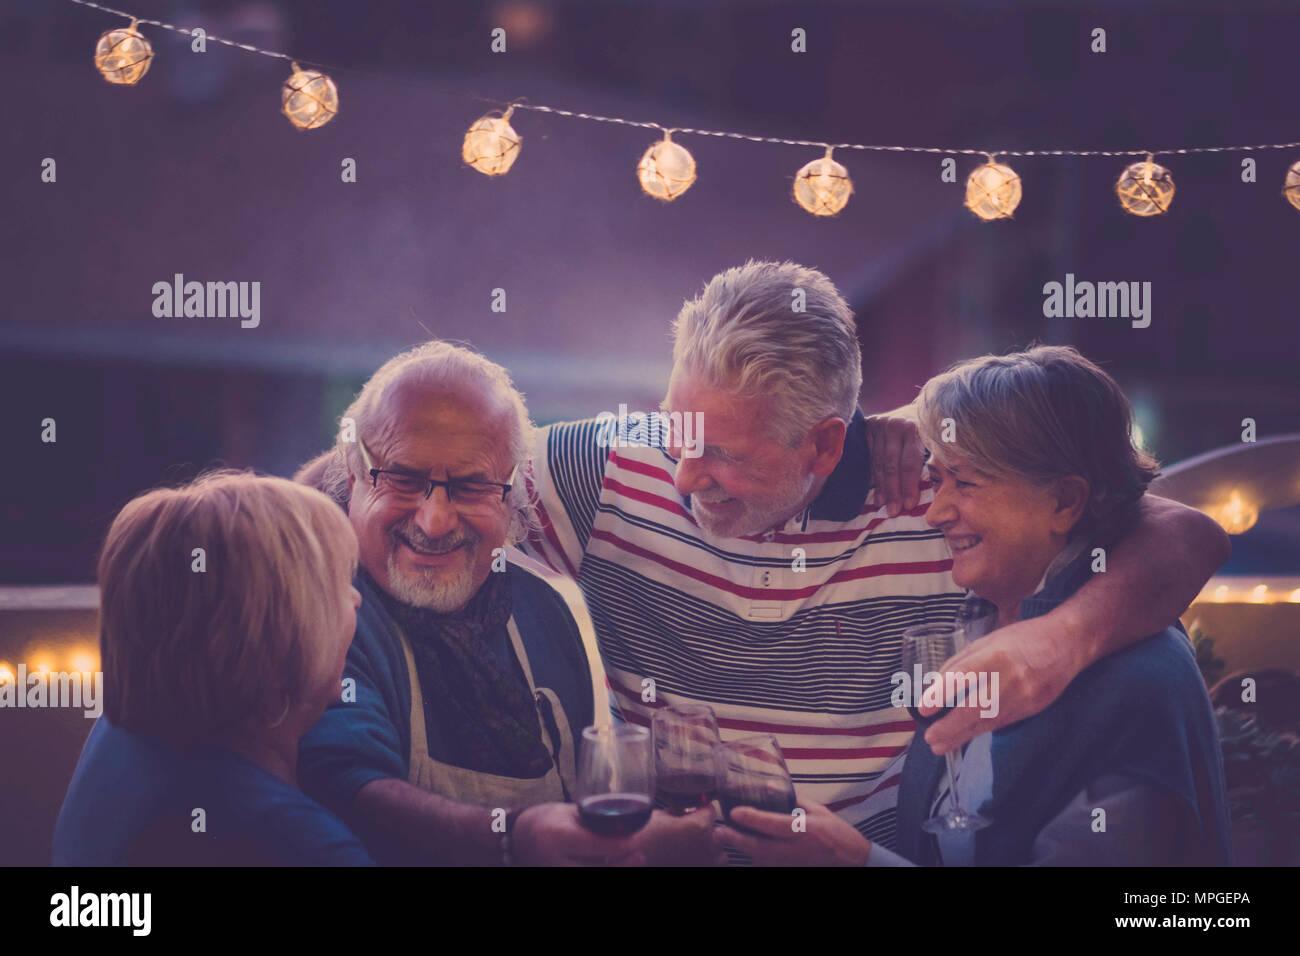 L'accent sur l'homme. groupe de personnes adultes âgés de faire partie de nuit sur le toit de la maison. Tout le monde hug sourire et rire ensemble et pour une activité agréable Photo Stock